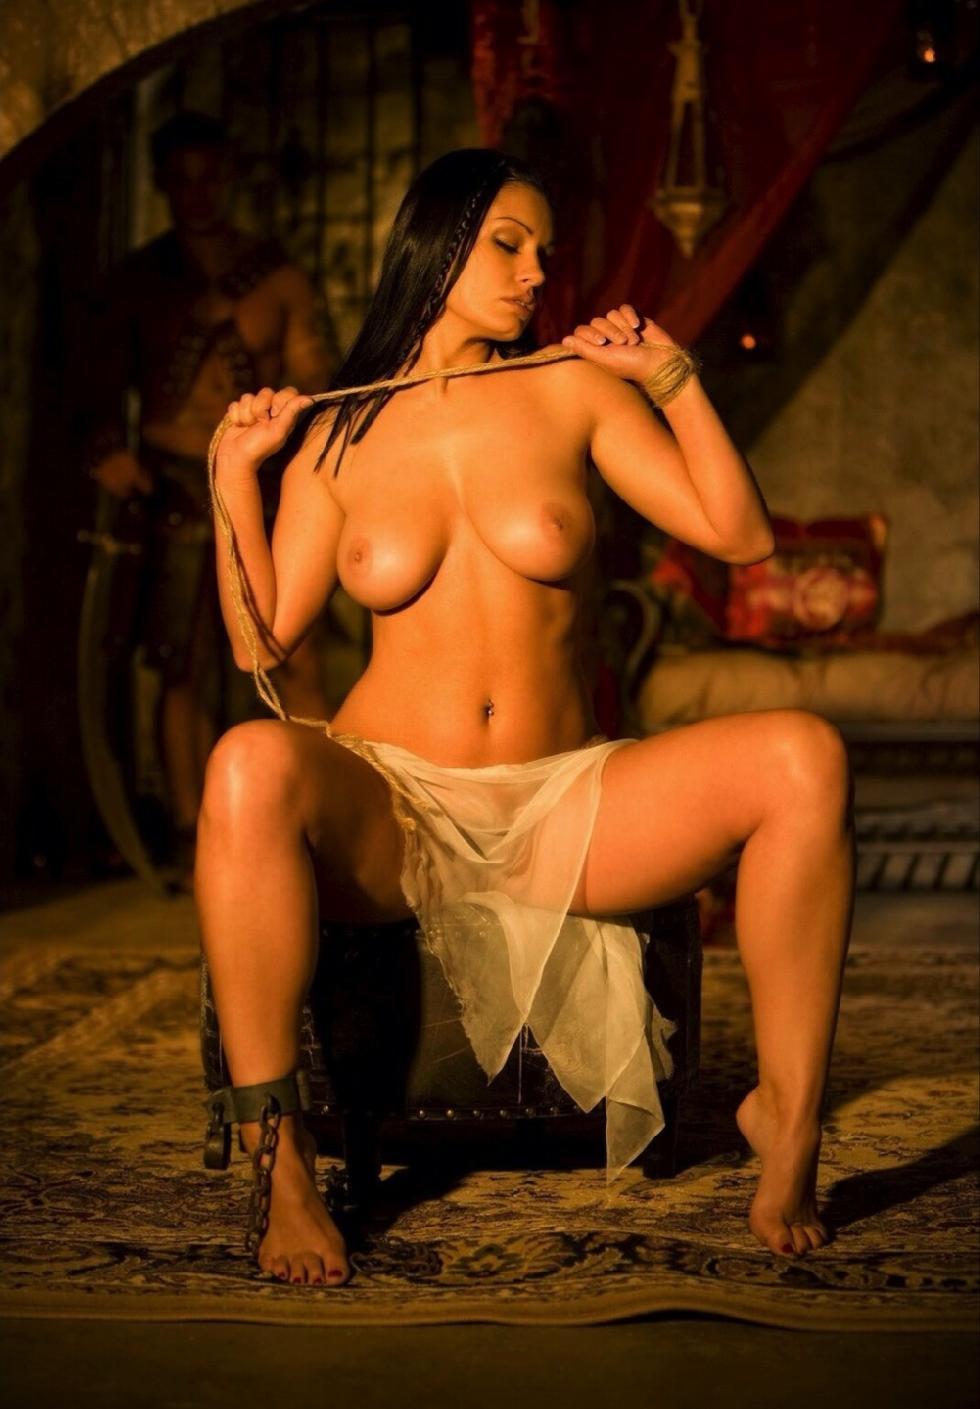 Weekly erotic picdump - 49/2017 - 88